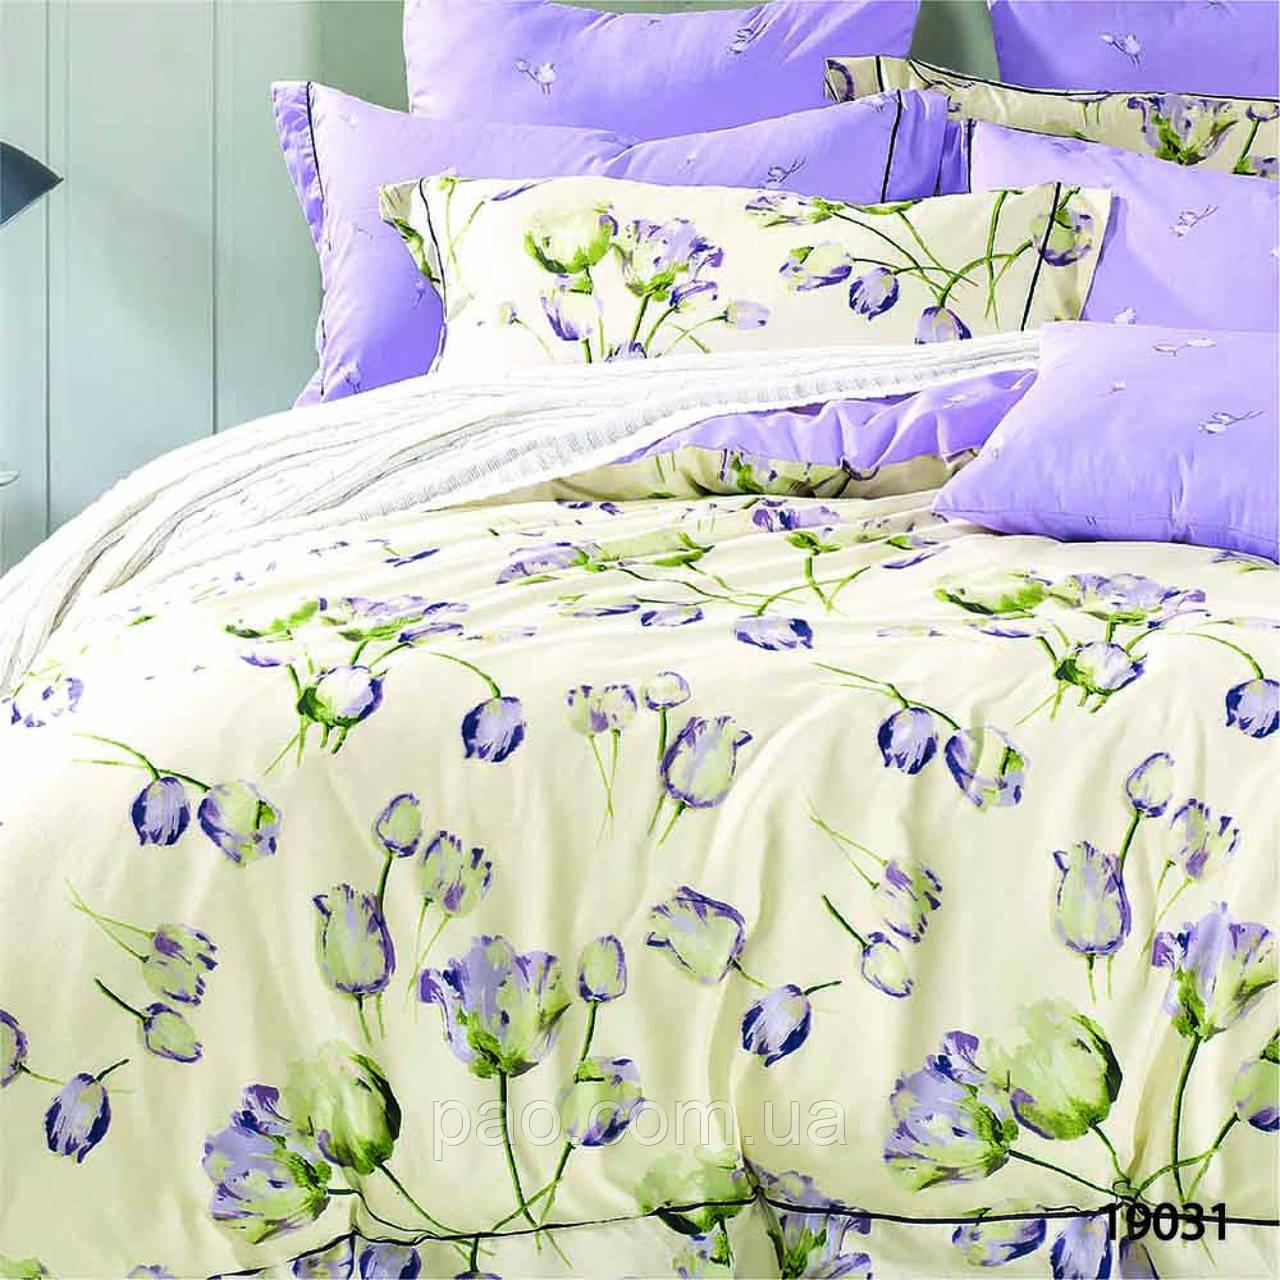 Постельное белье Сказочные тюльпаны, ранфорс, 2-спальный набор